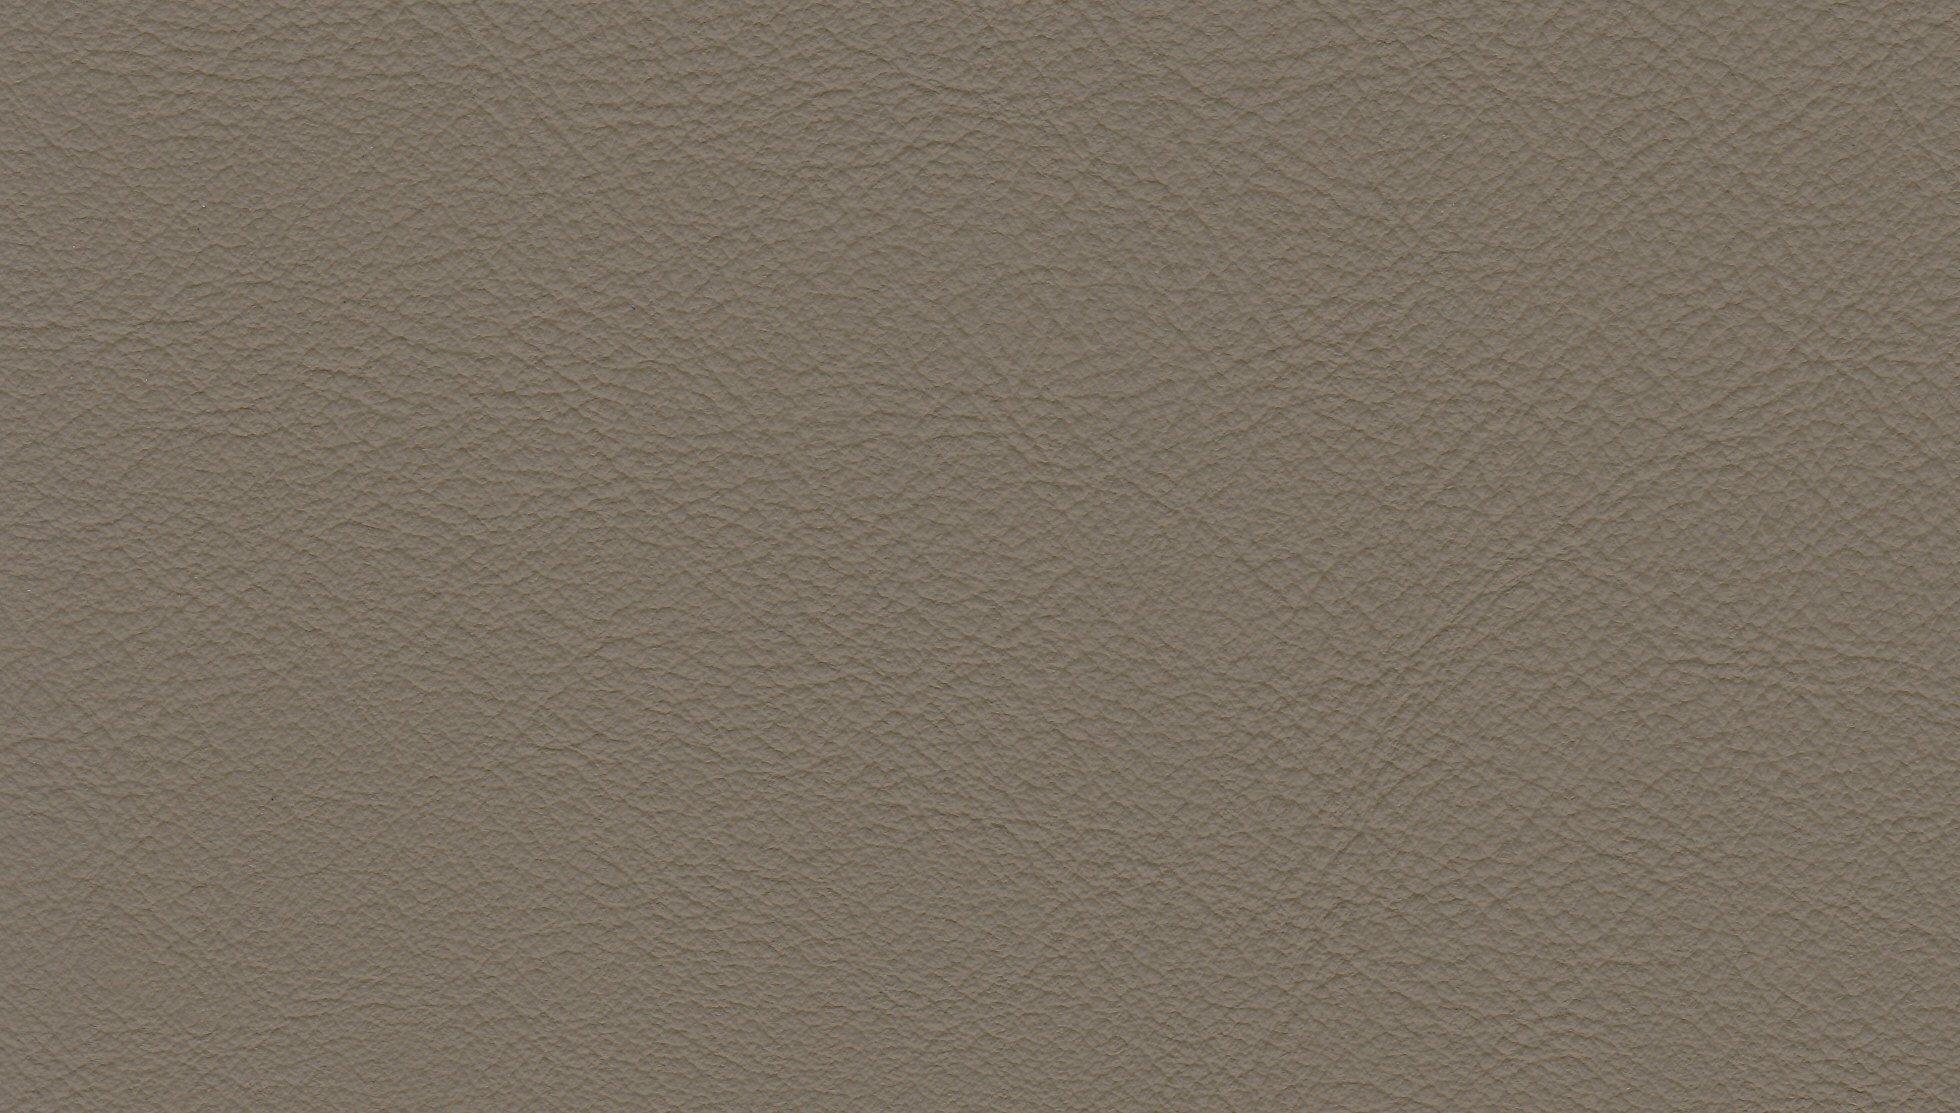 Celedon medici leather